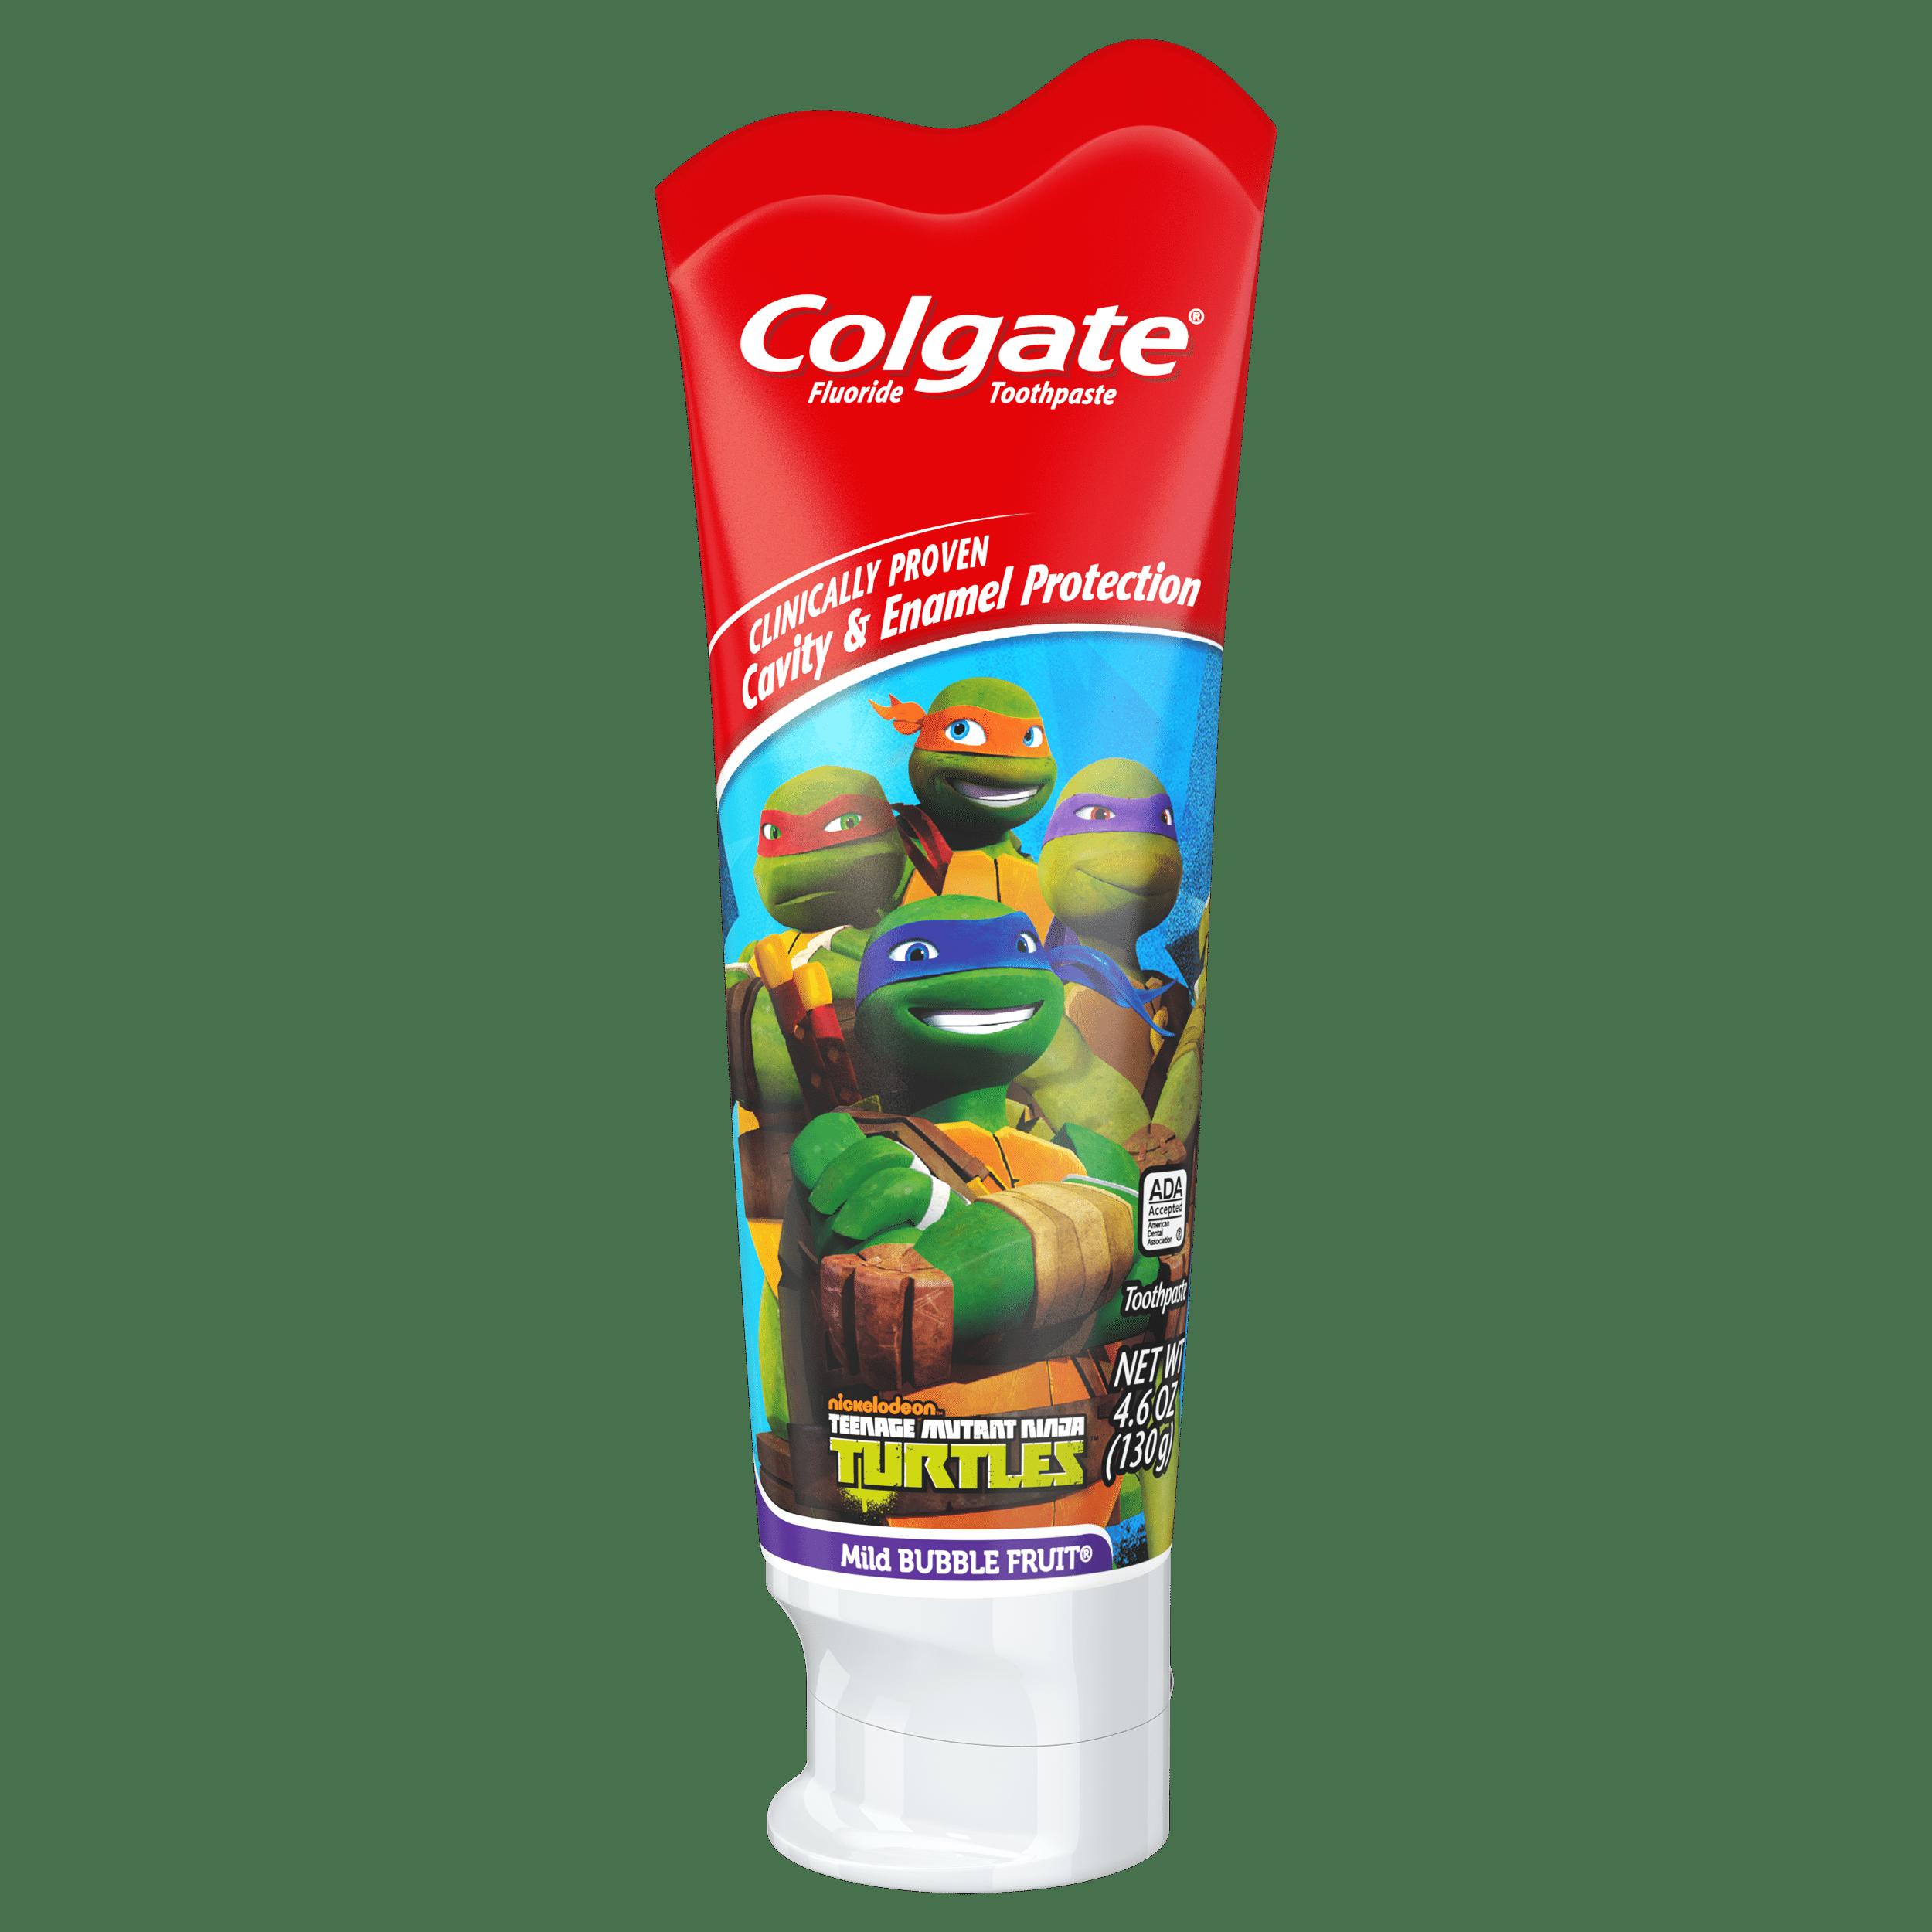 (2 pack) Colgate Kids Fluoride Toothpaste, Teenage Mutant Ninja Turtles - 4.6 oz